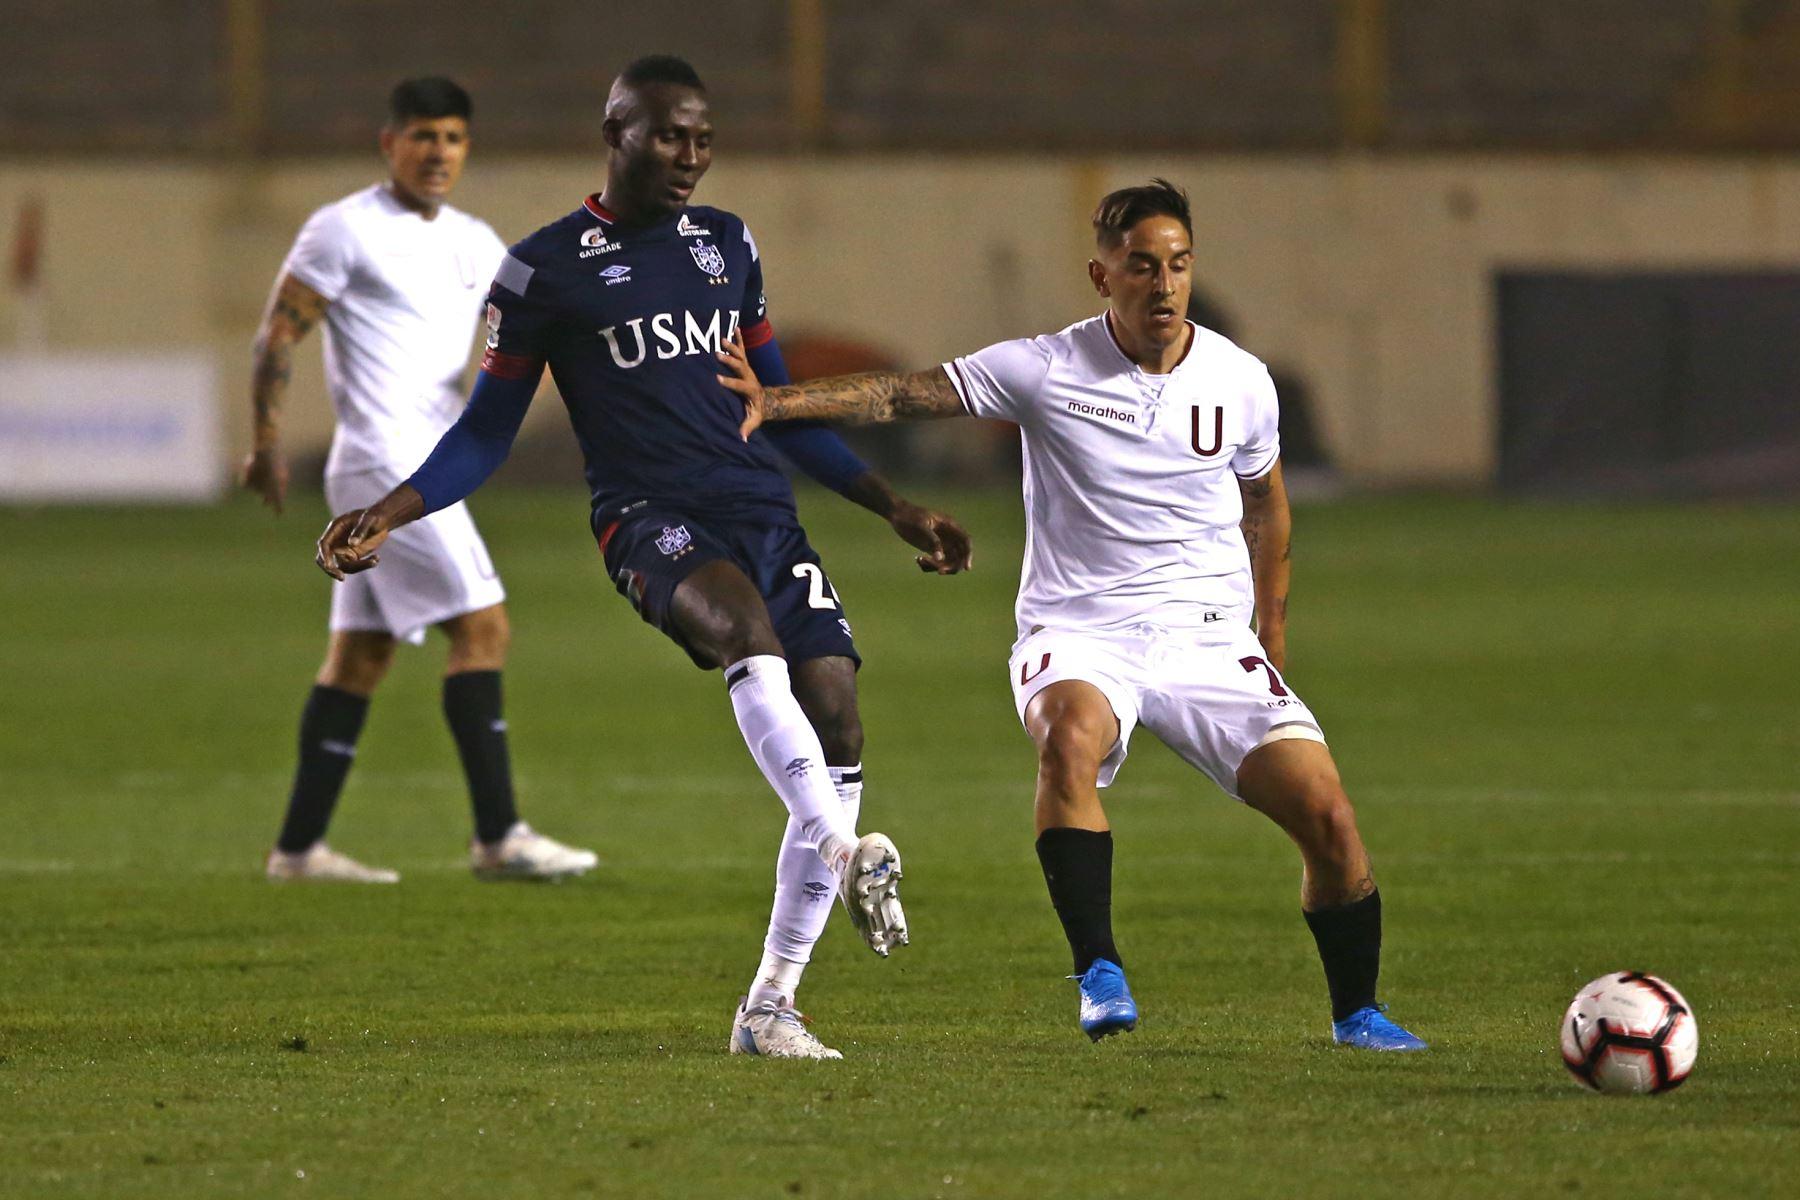 Partido entre Universitario vs. San Martín, empatan 0-0 en el estadio Monumental de Ate.Foto:ANDINA/ Vidal Tarqui